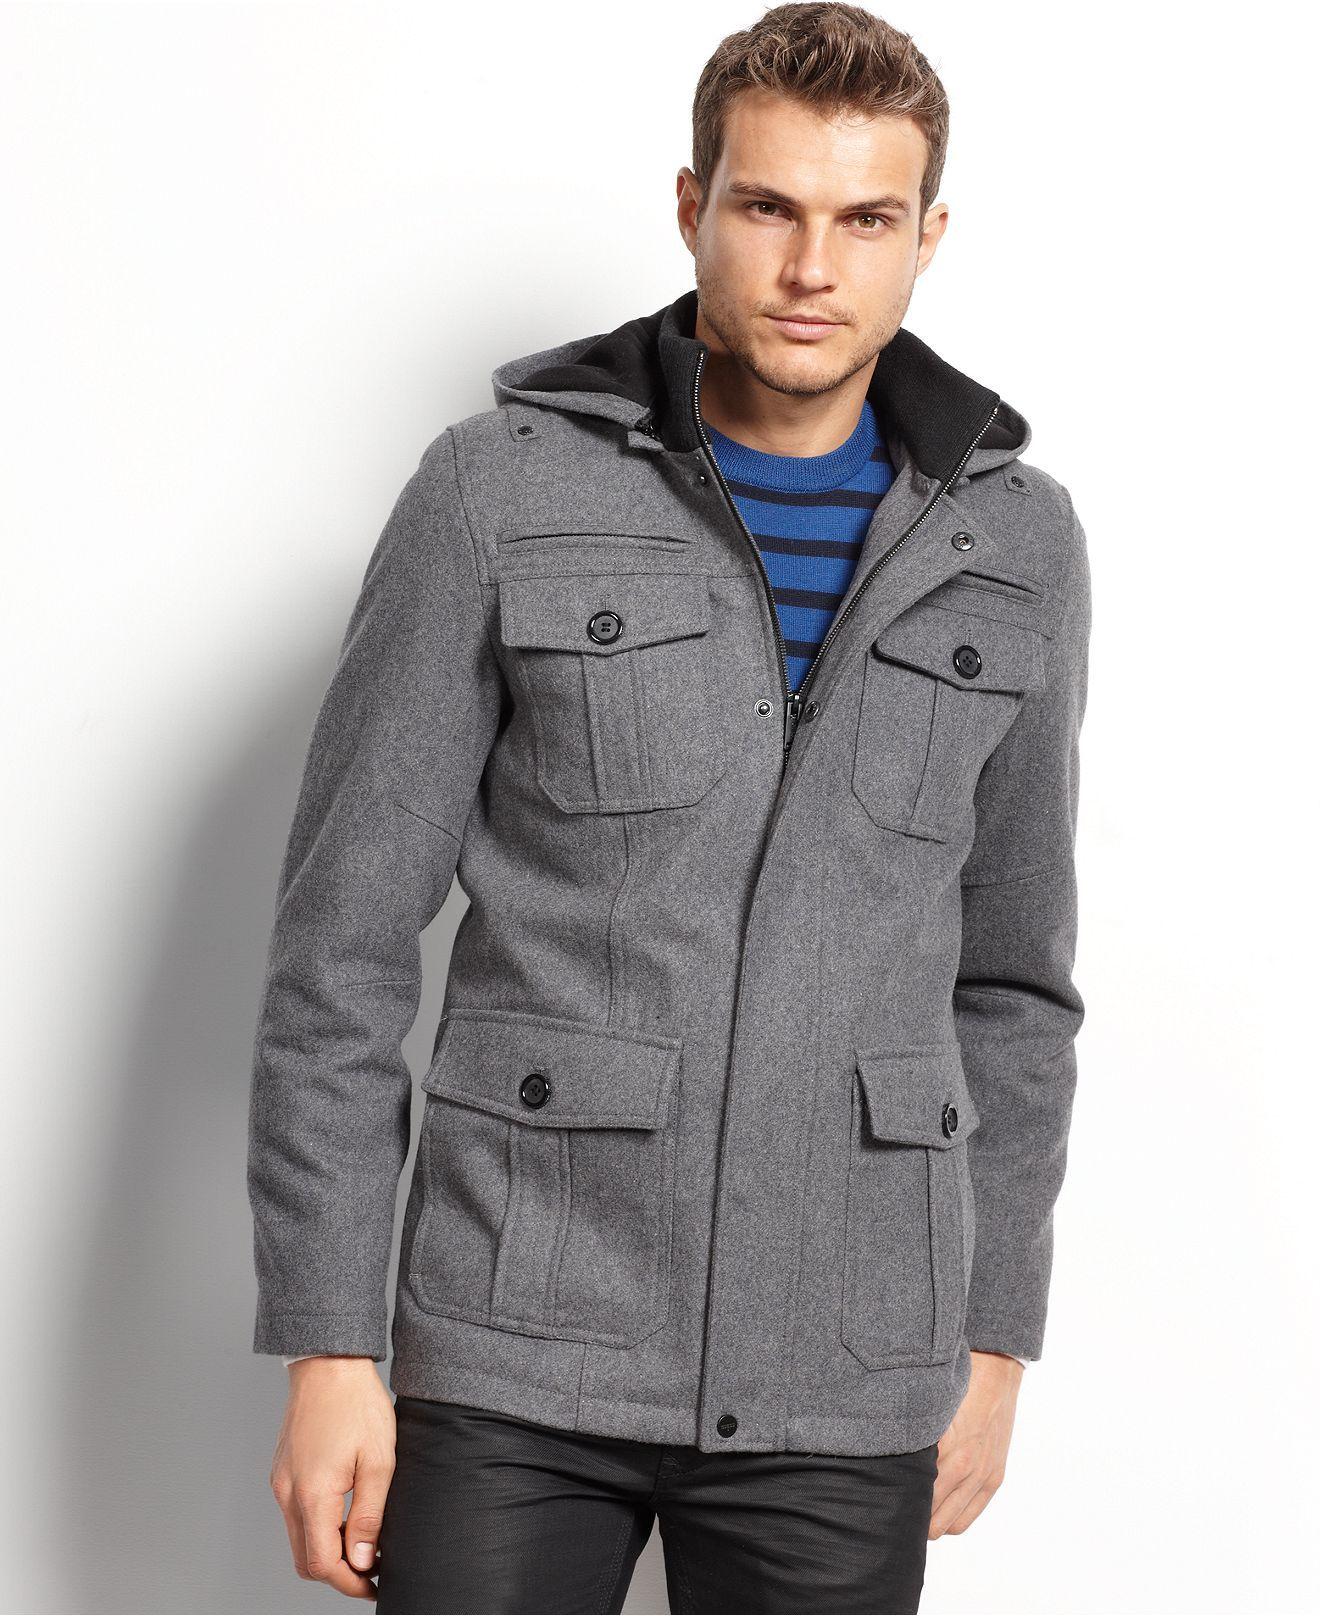 bee776f85c Guess Coats